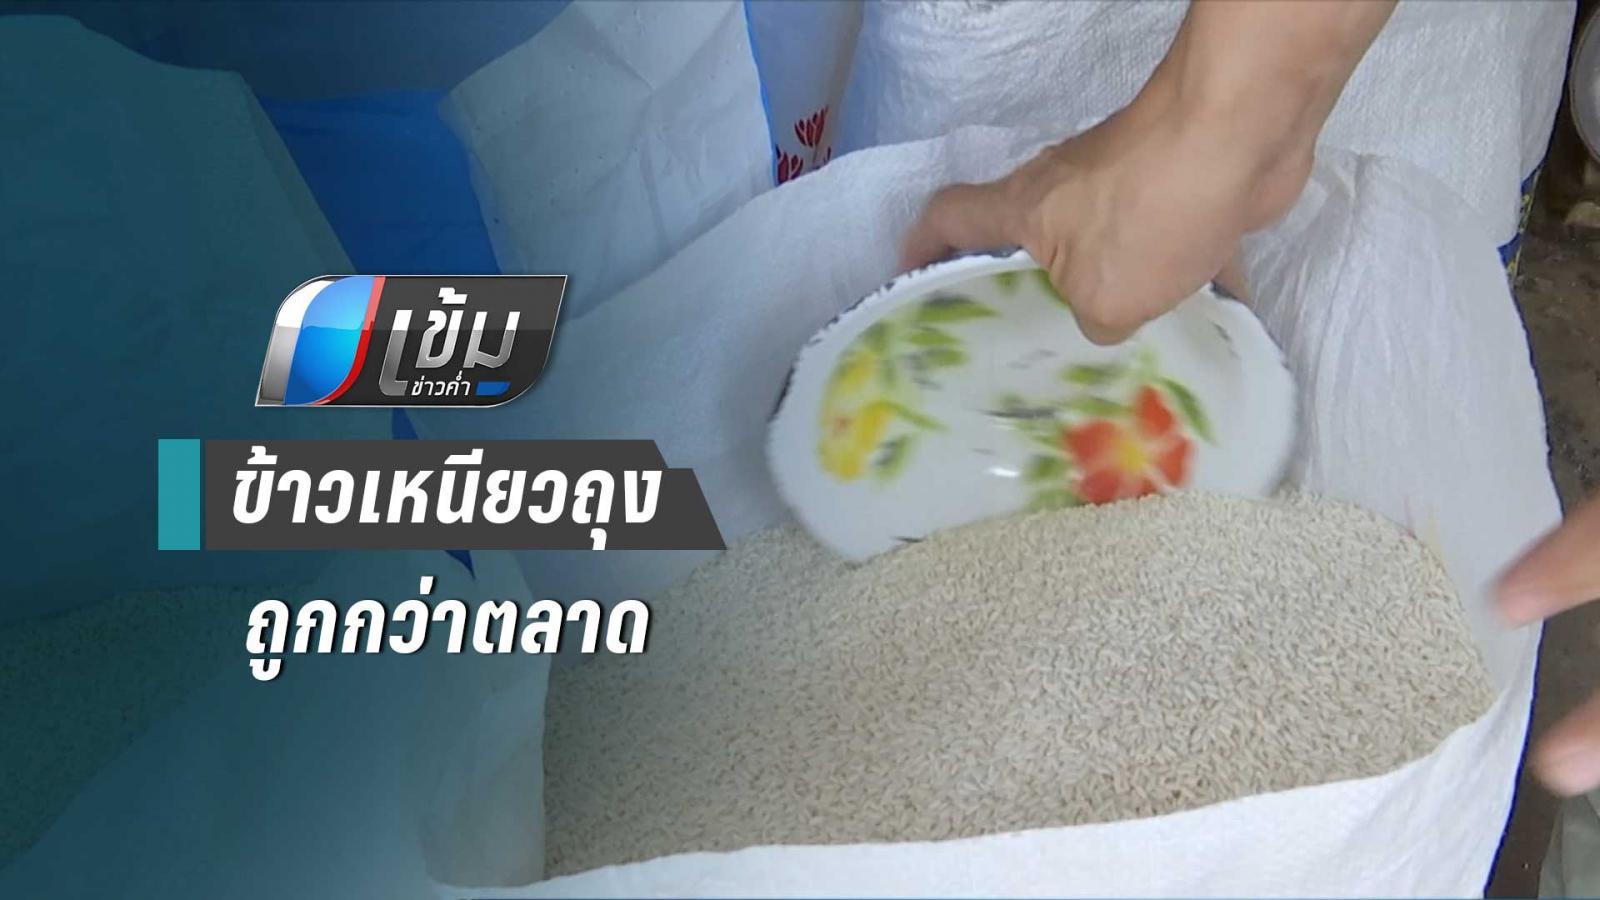 พาณิชย์ออกข้าวเหนียวถุงถูกกว่าตลาด 5-10 บาทต่อกิโลกรัม